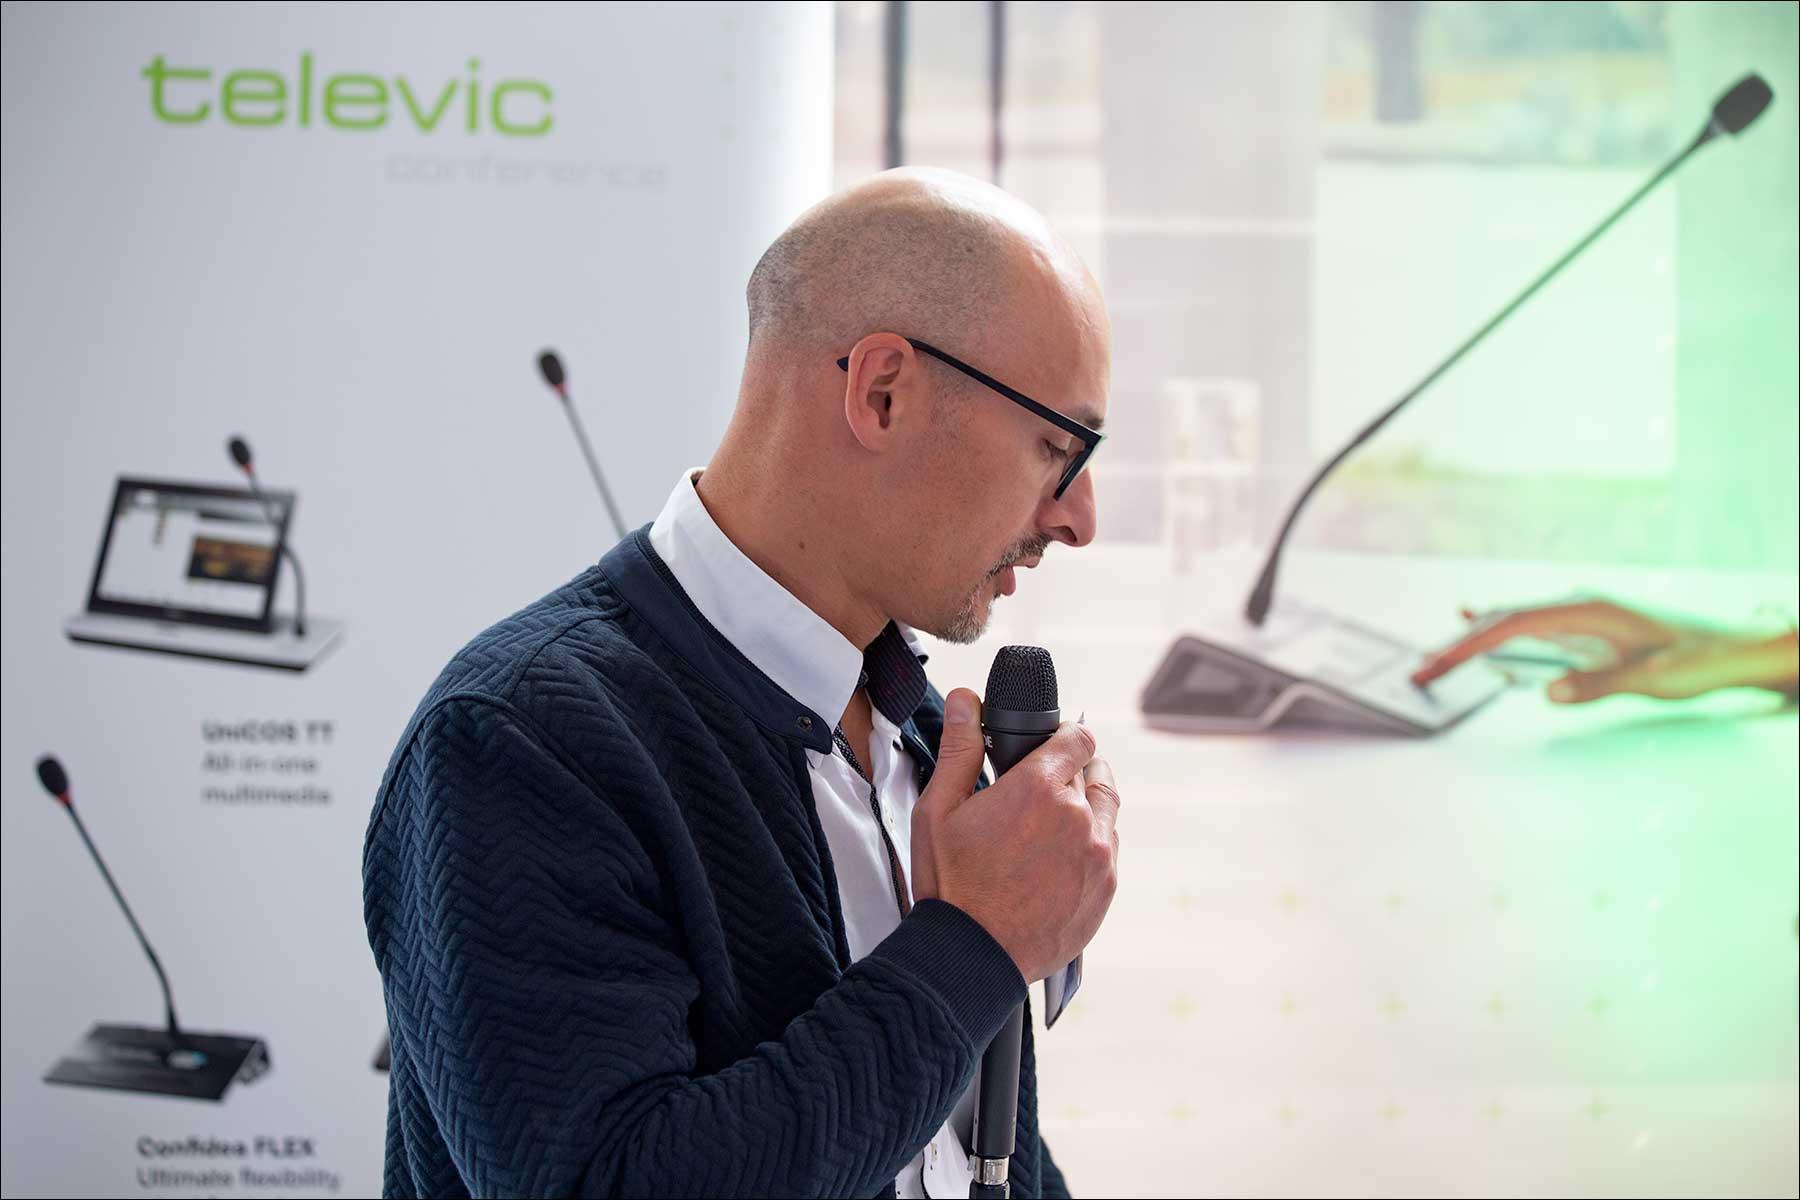 Francesco Cavaliere mit den televic Sprechstellen und mehr (Foto: Tom Becker)